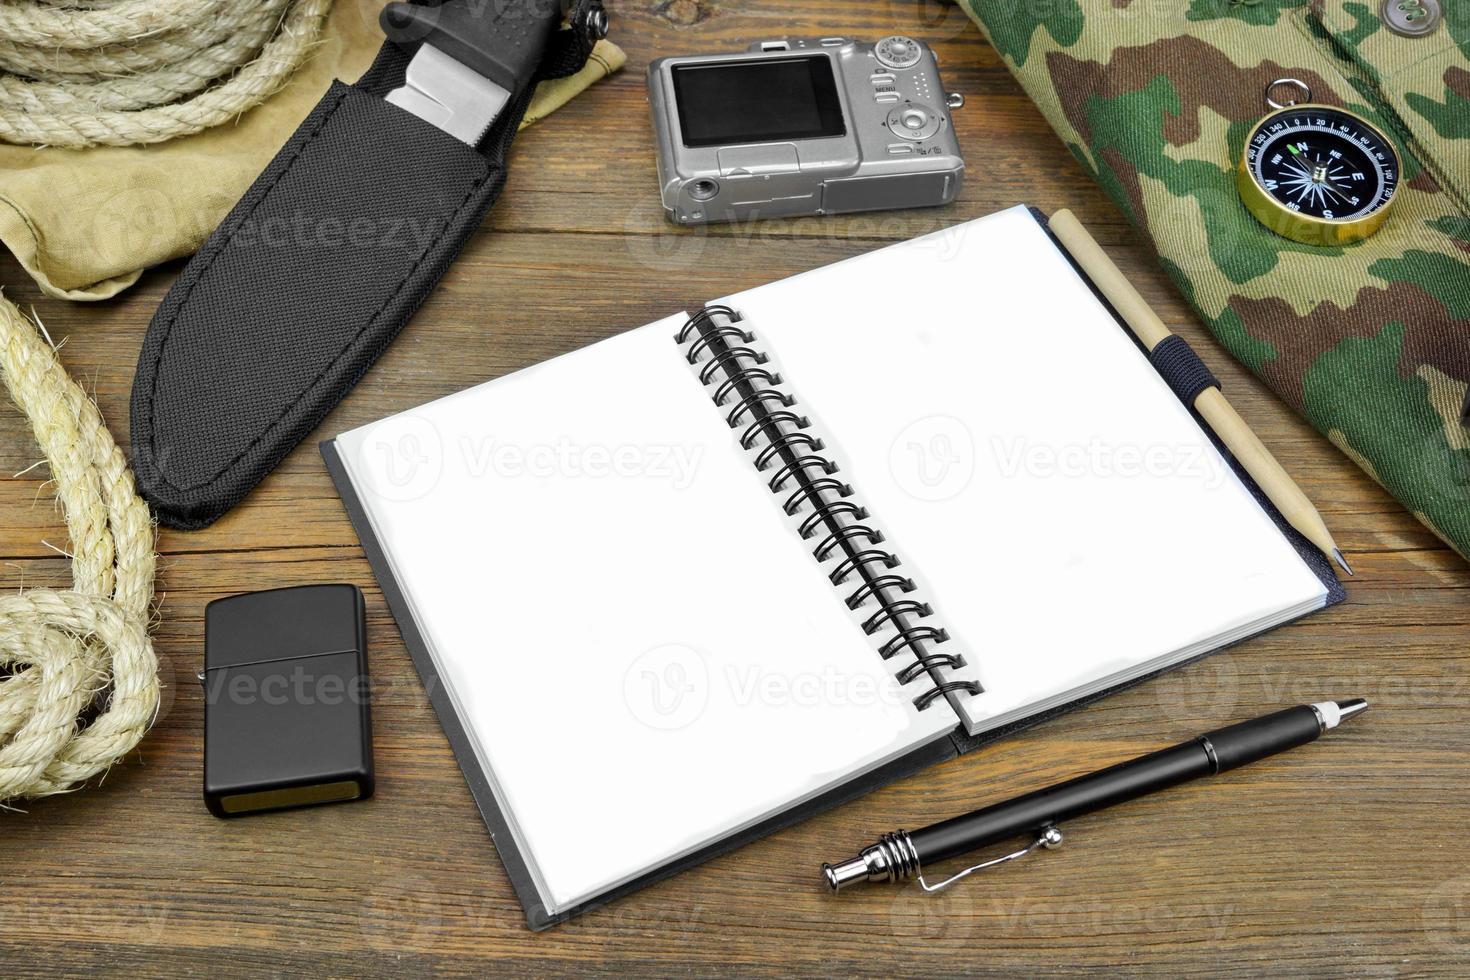 förbereder sig för resor. öppen anteckningsbok, kamera, rep, kompass, penna, foto